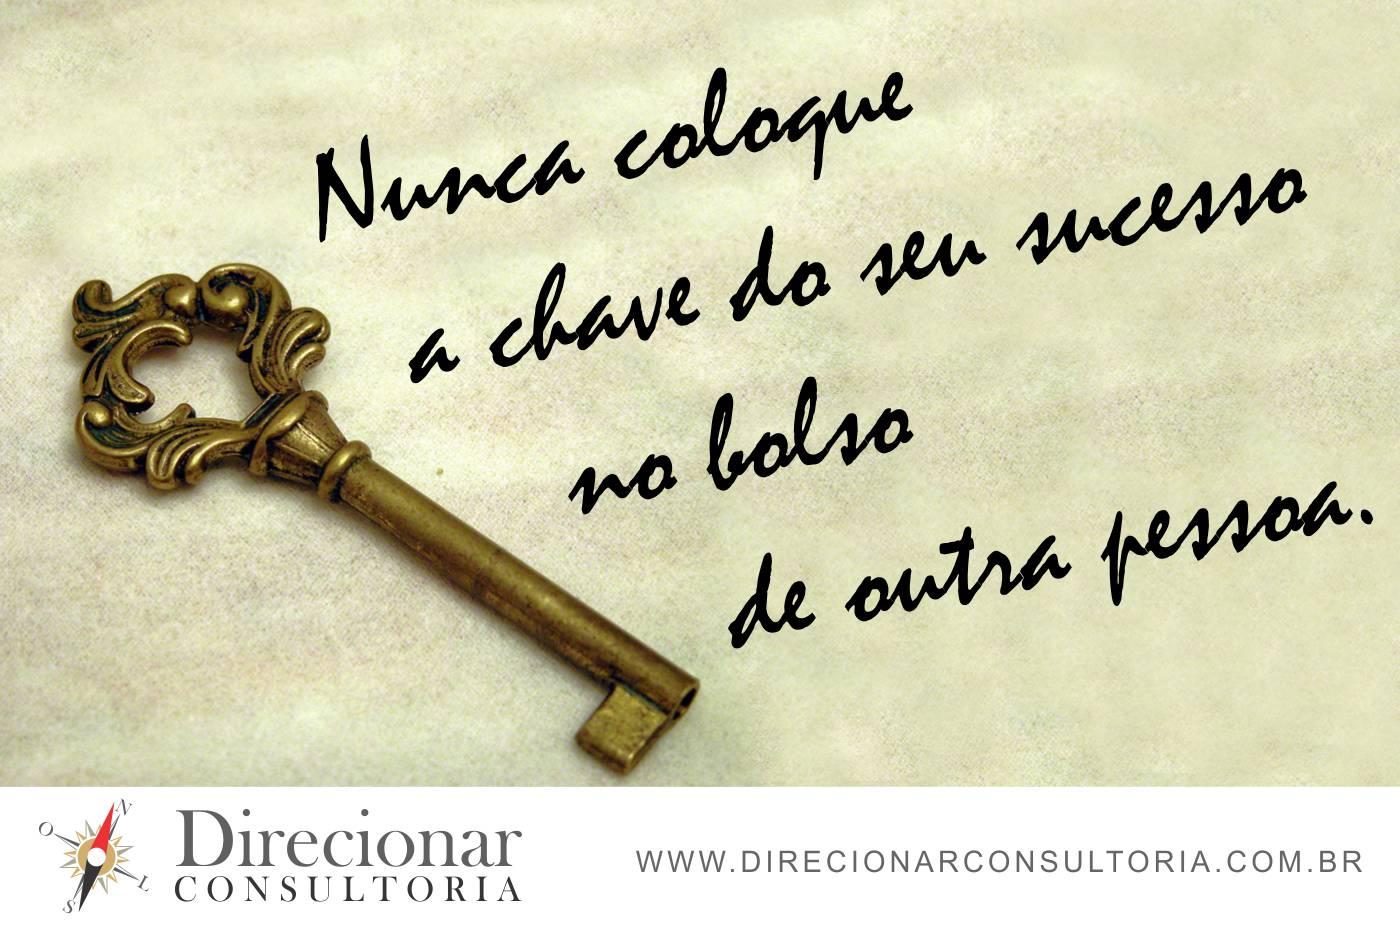 Nunca coloque a chave do seu sucesso no bolso de outra pessoa